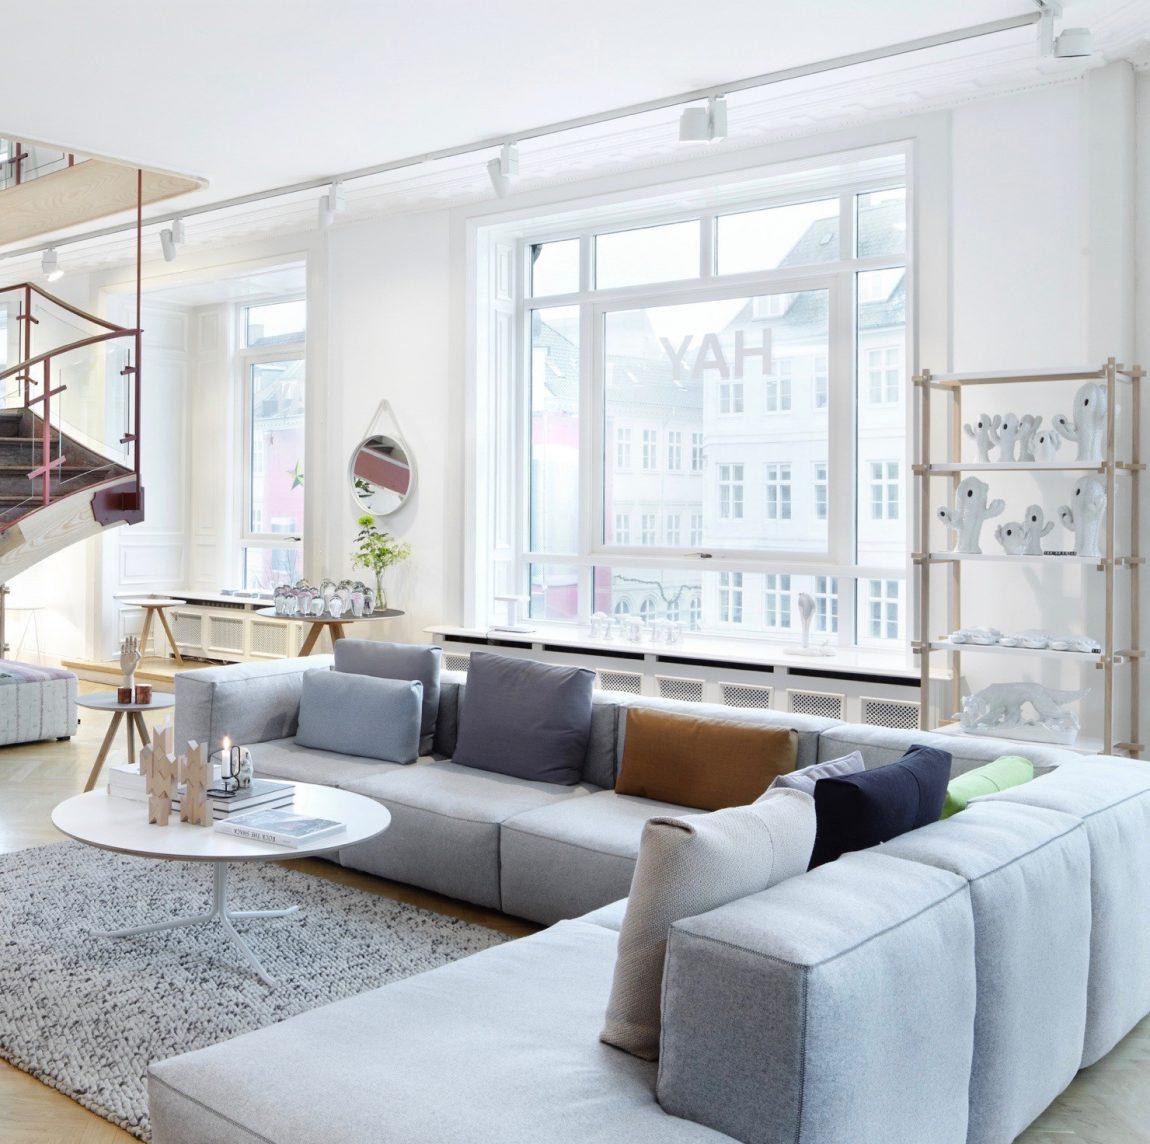 Hay Mags Soft Sofa bank